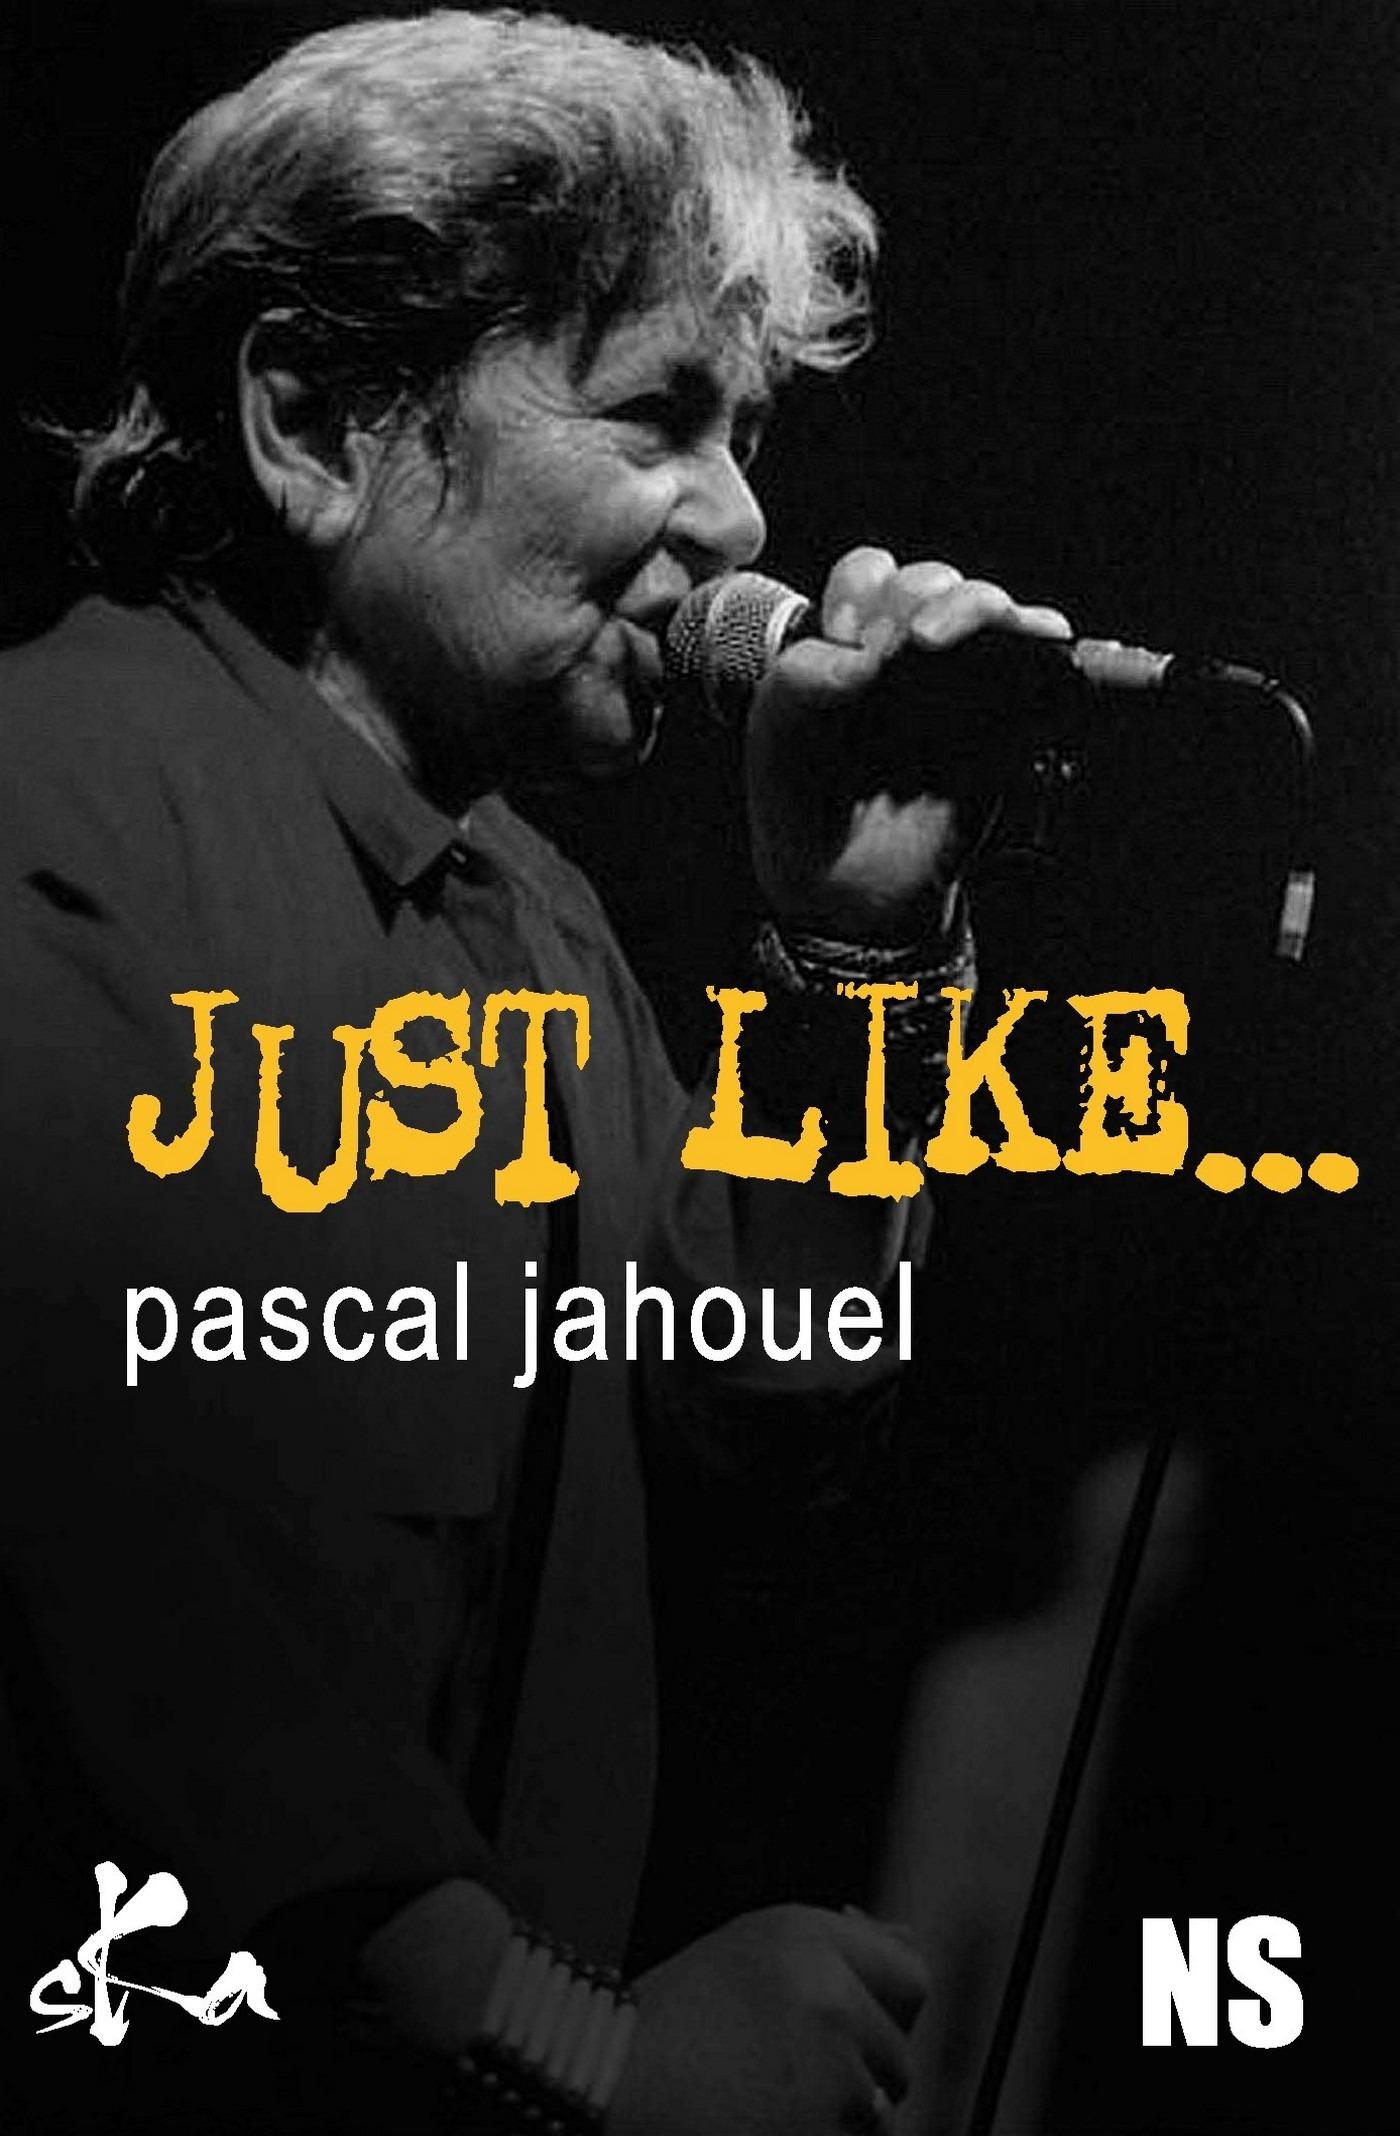 Just like...